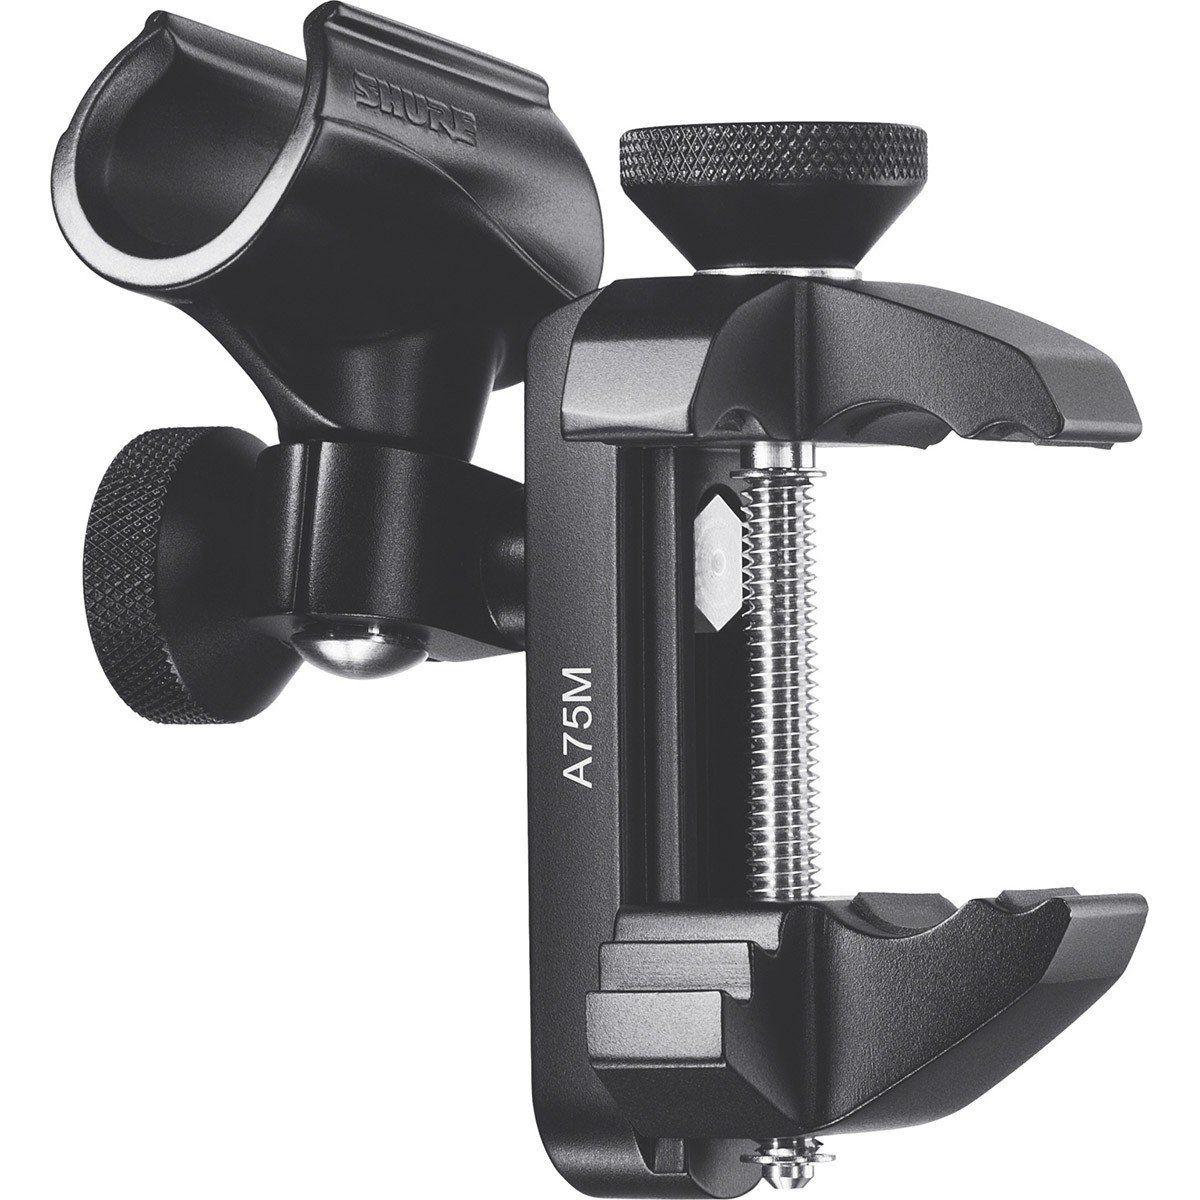 Shure Beta 98AMP/C Microfone Condensador Cardioide Shure B98AMP/C para Instrumentos